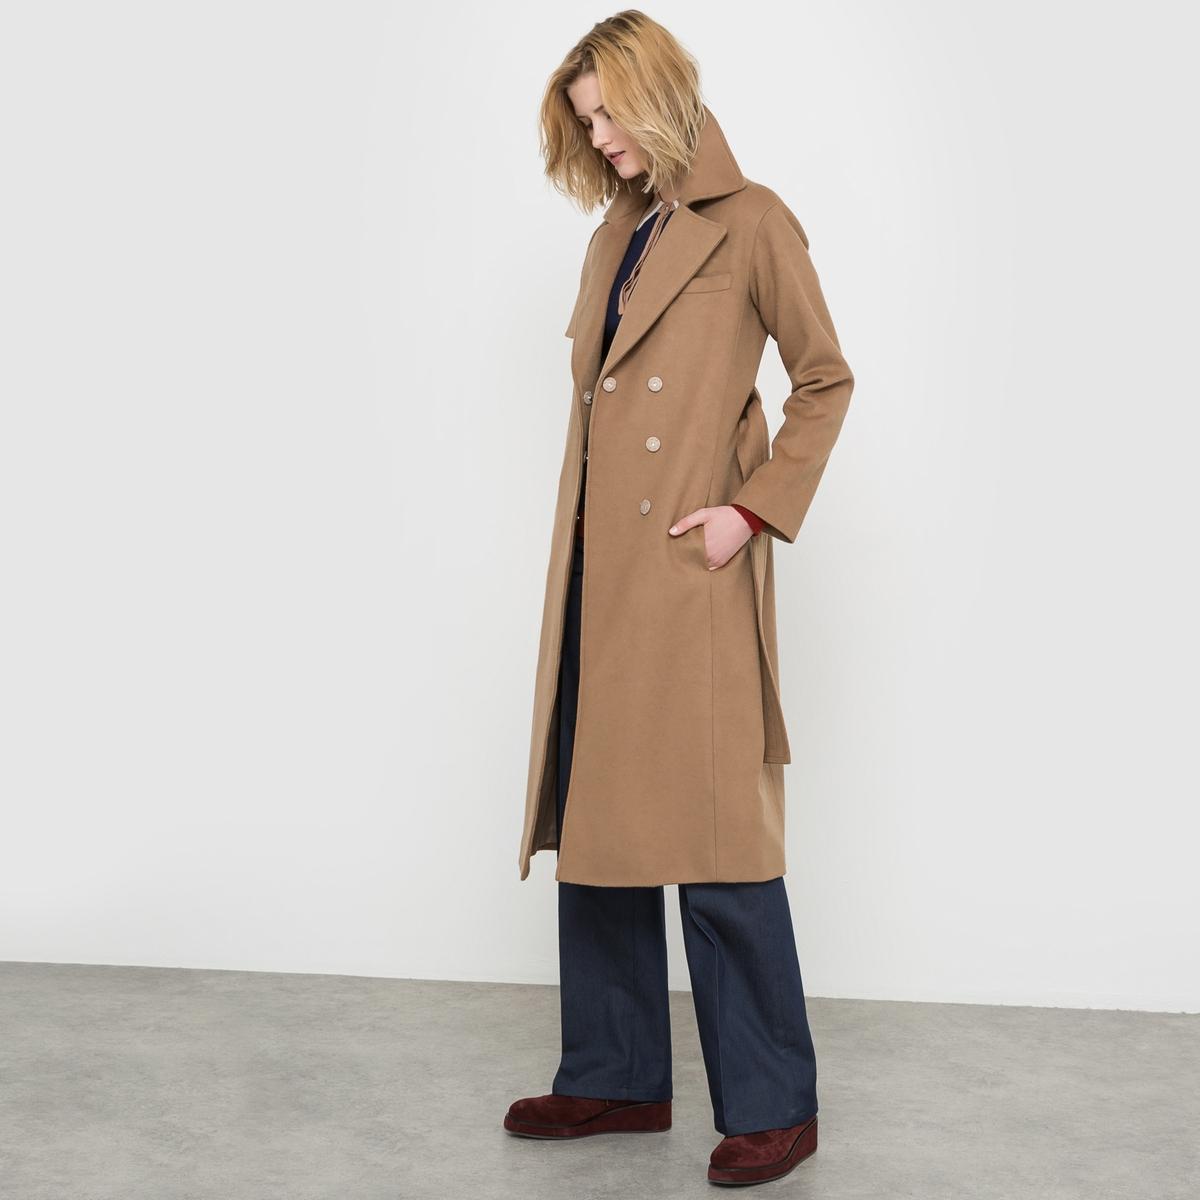 Пальто длинное из шерстяного драпа, 63% шерсти